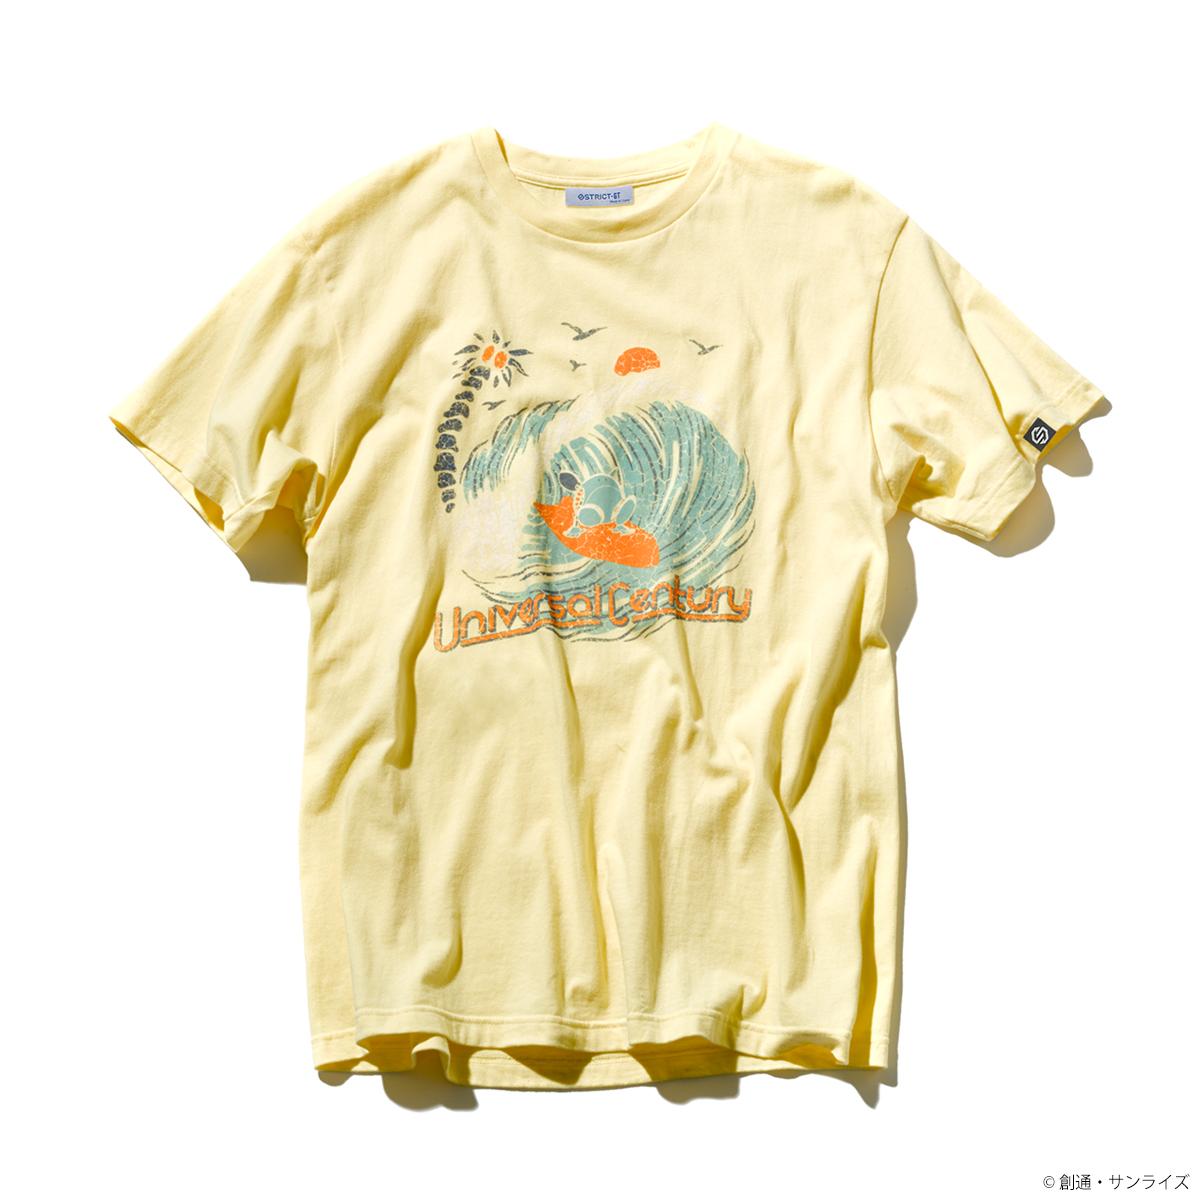 「ガンダム」シリーズ、サーフTシャツ登場、夏らしさを演出する、ヴィンテージ感の有るコレクション!